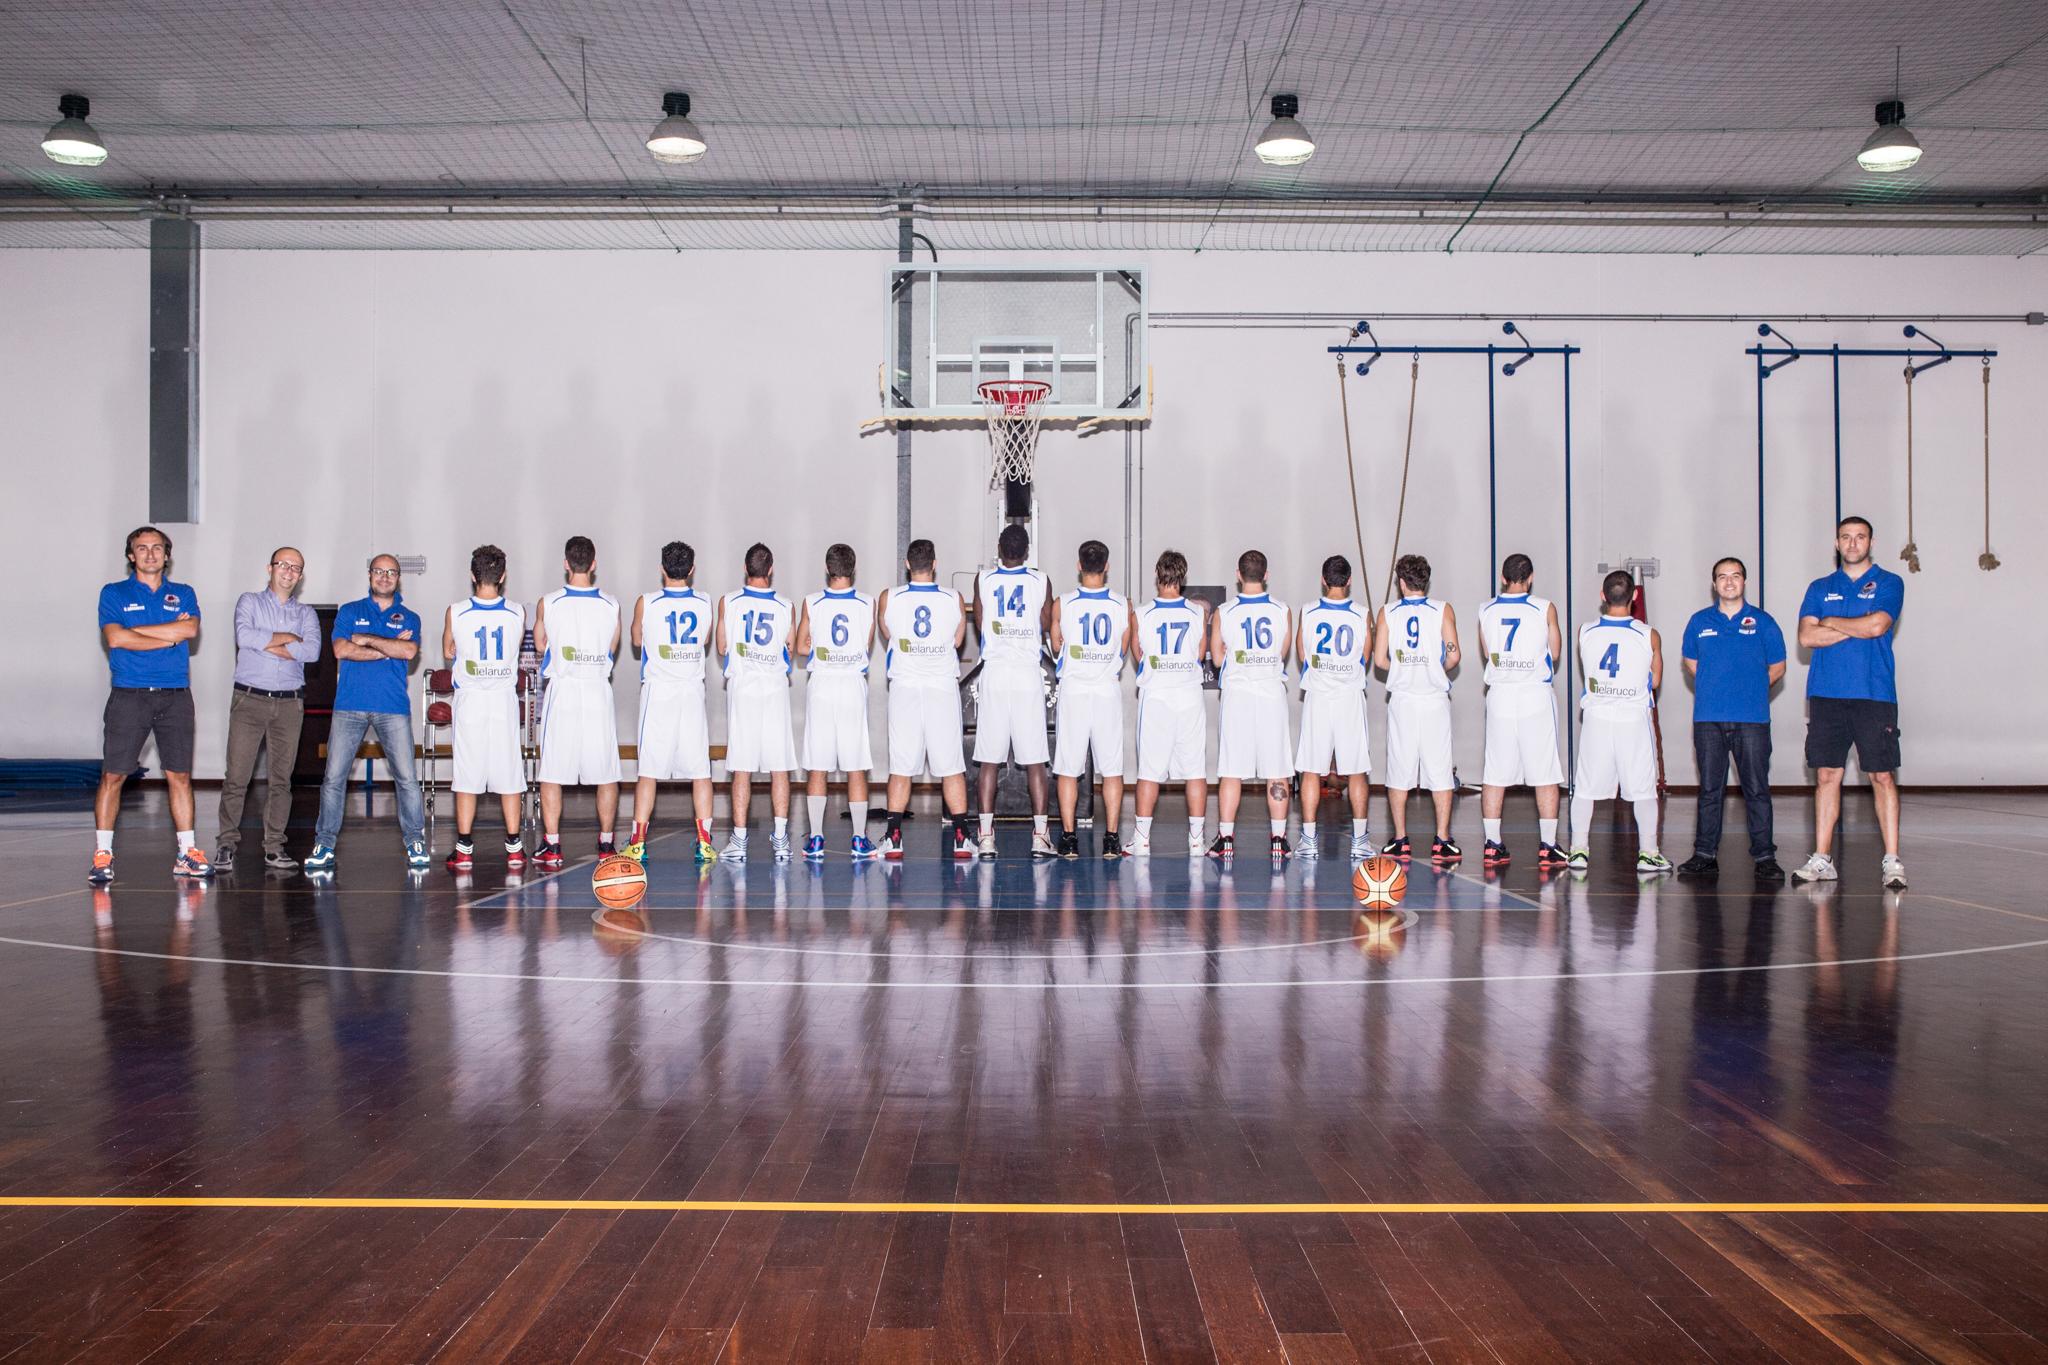 squadra_2014-15_retro